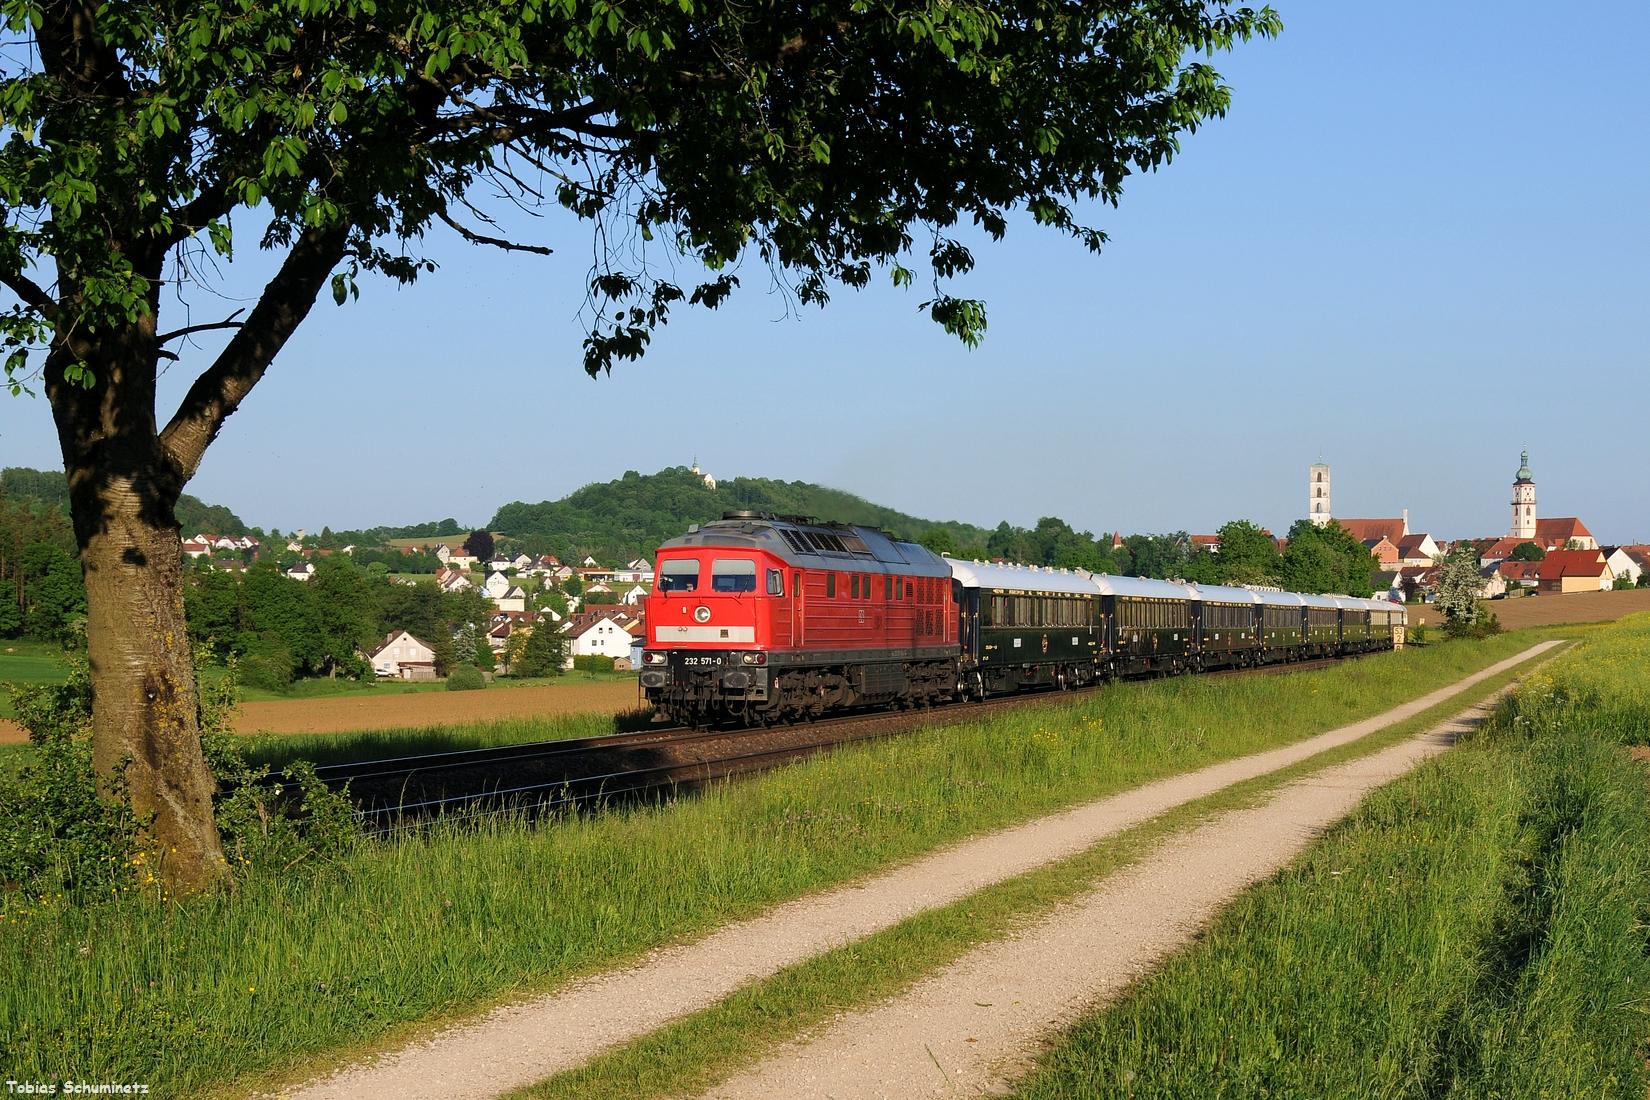 """Zum Abschluss des 27.05.2017 gab es dann noch den NF13450 """"VSOE Orient Express"""" welcher von 232 571 in Furth im Wald übernommen wurde. Hier bei Sullzbach-Rosenberg."""